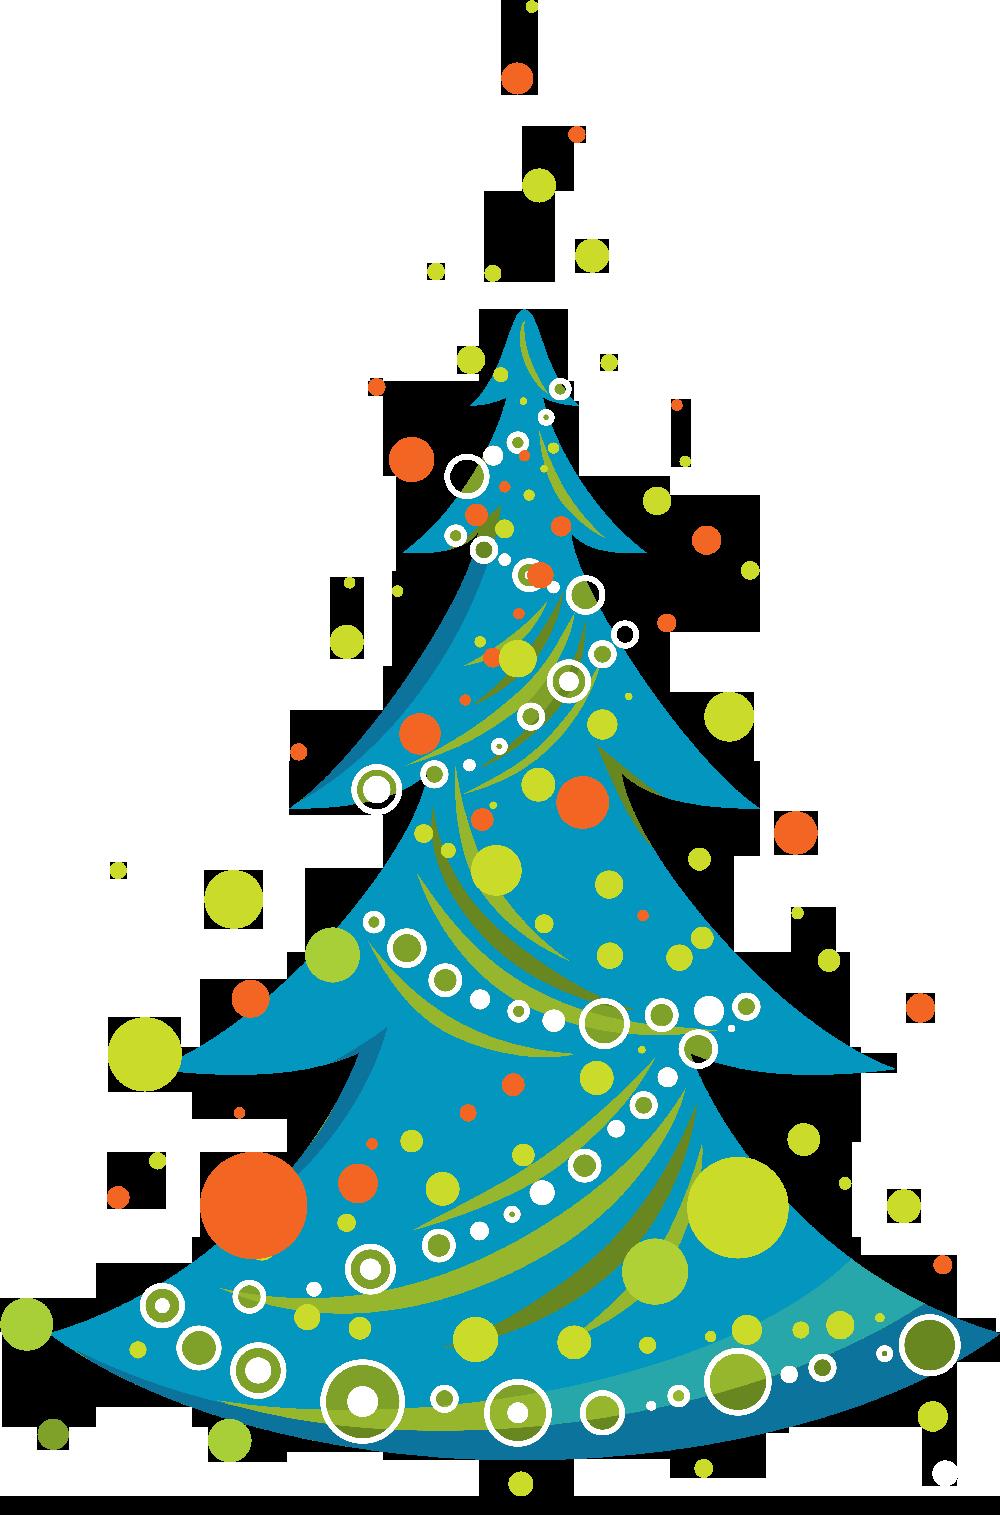 Rboles de navidad en color azul - Arboles de naviad ...